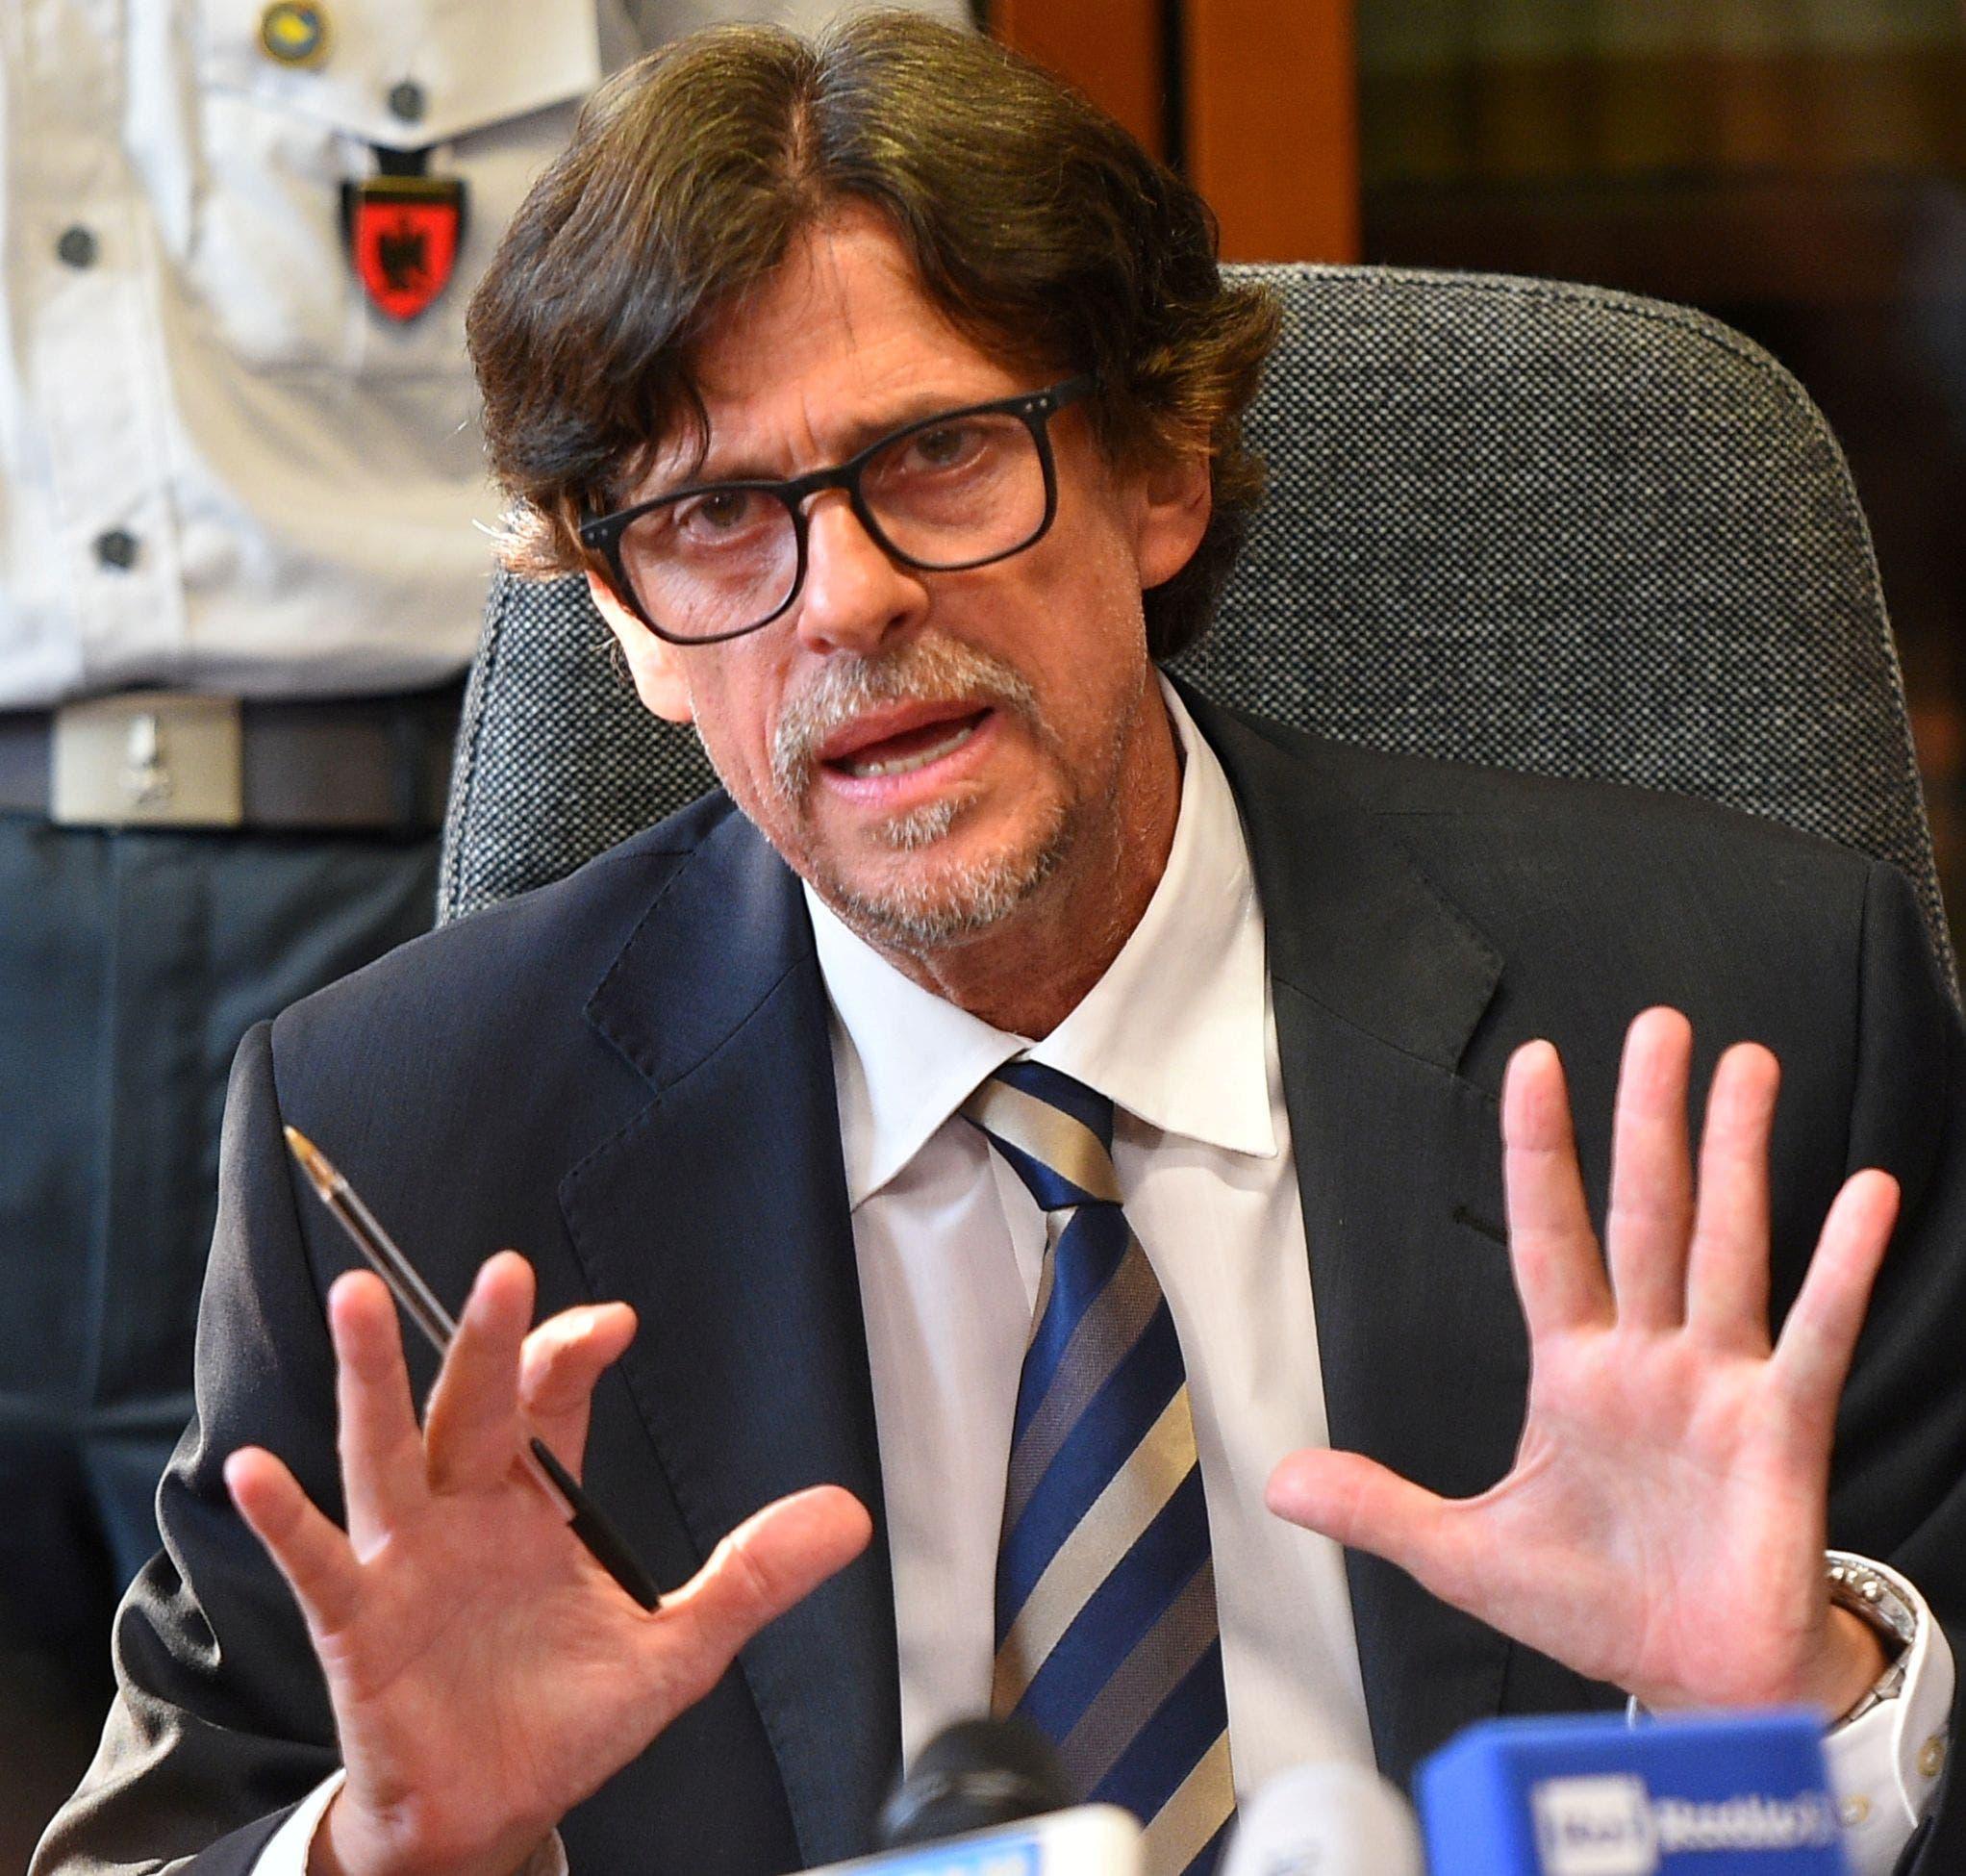 Luigi Patronaggio ermittelt gegen die Deutsche. (Bild: Reuters)